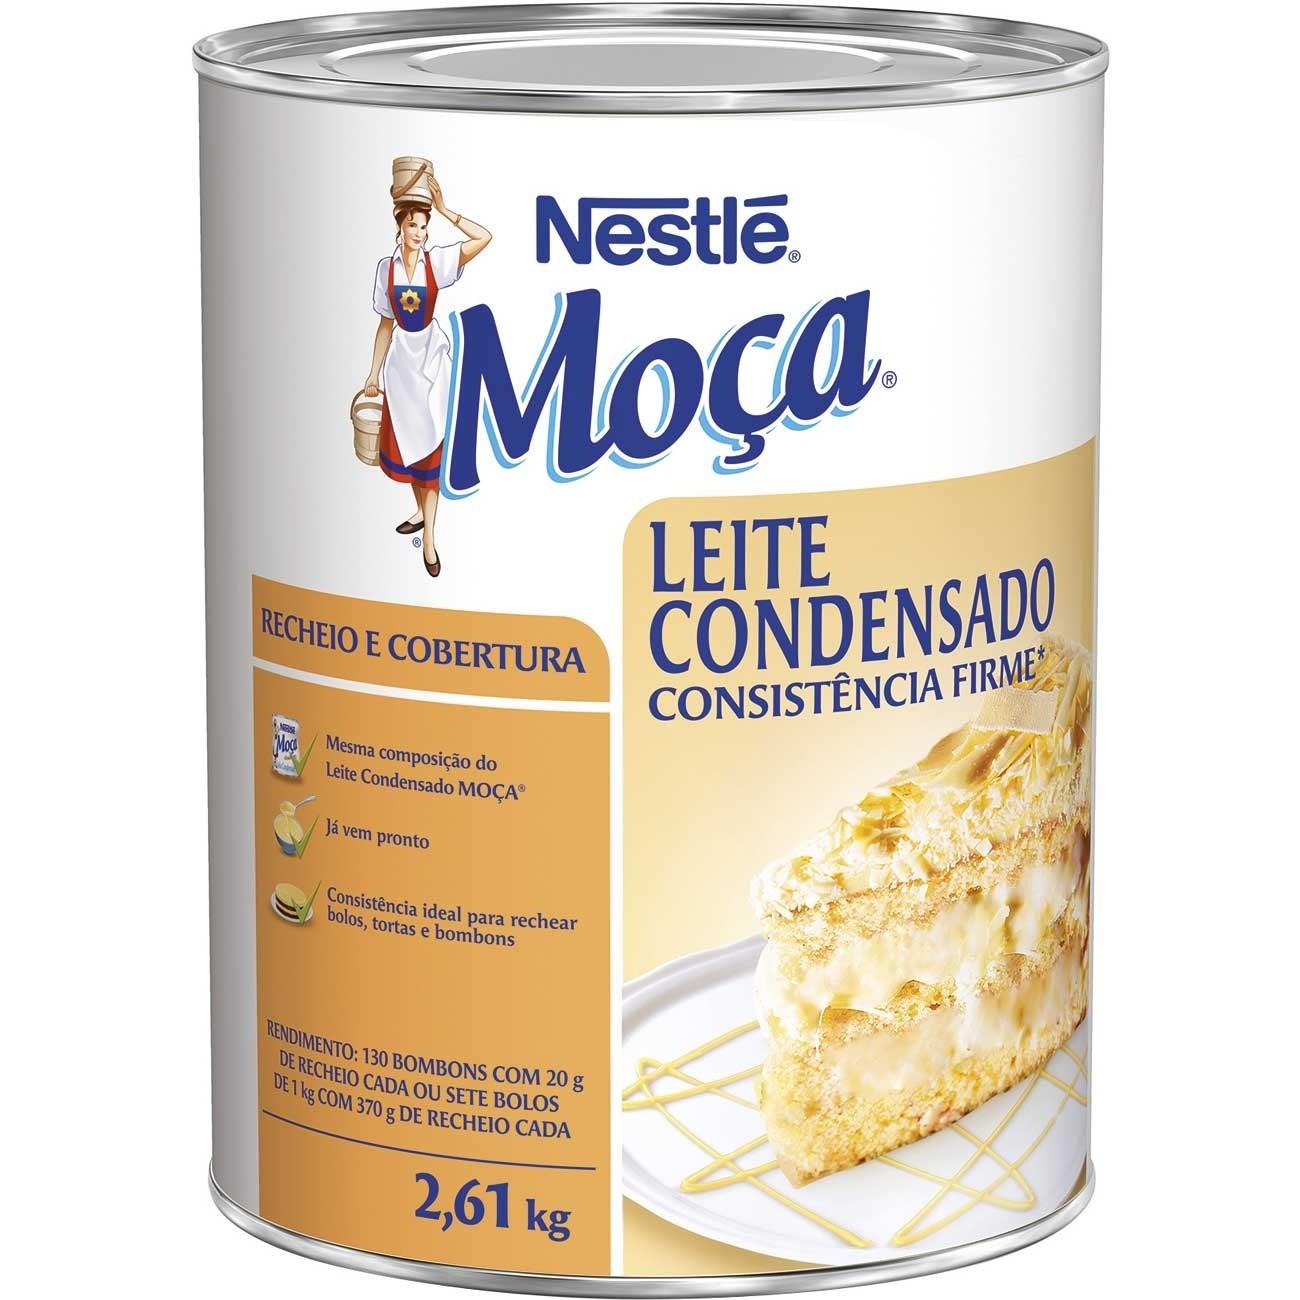 MOÇA - RECHEIO E COBERTURA LEITE CONDENSADO 2,6KG